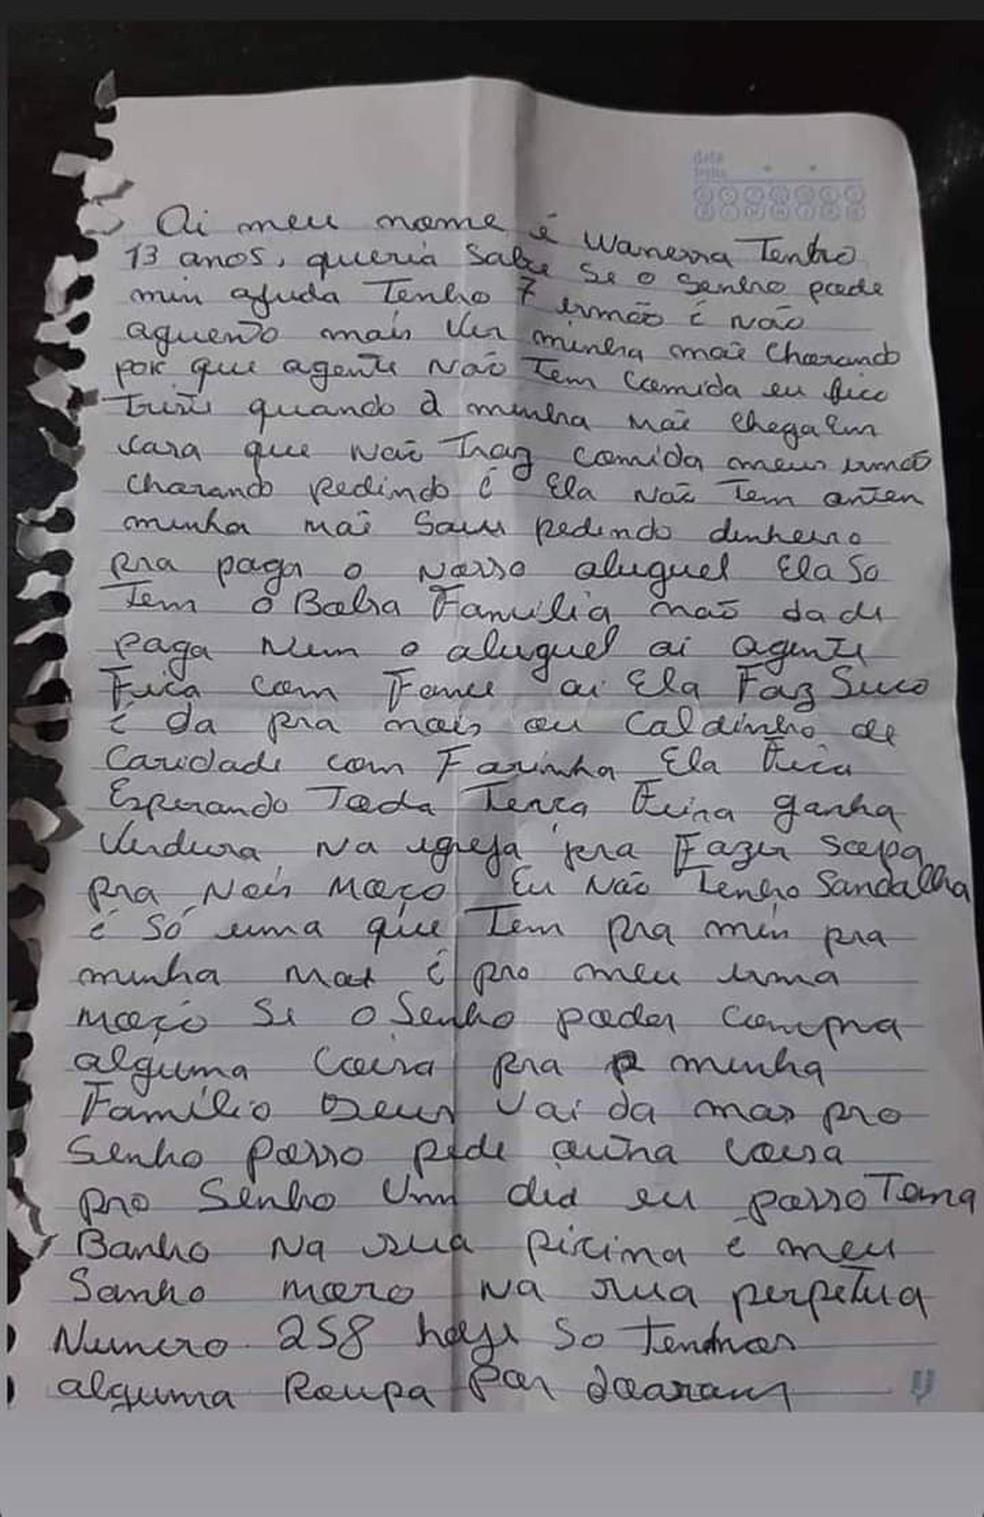 Carta de adolescente viralizou e reuniu uma rede de solidariedade para ajudar a família — Foto: Arquivo pessoal